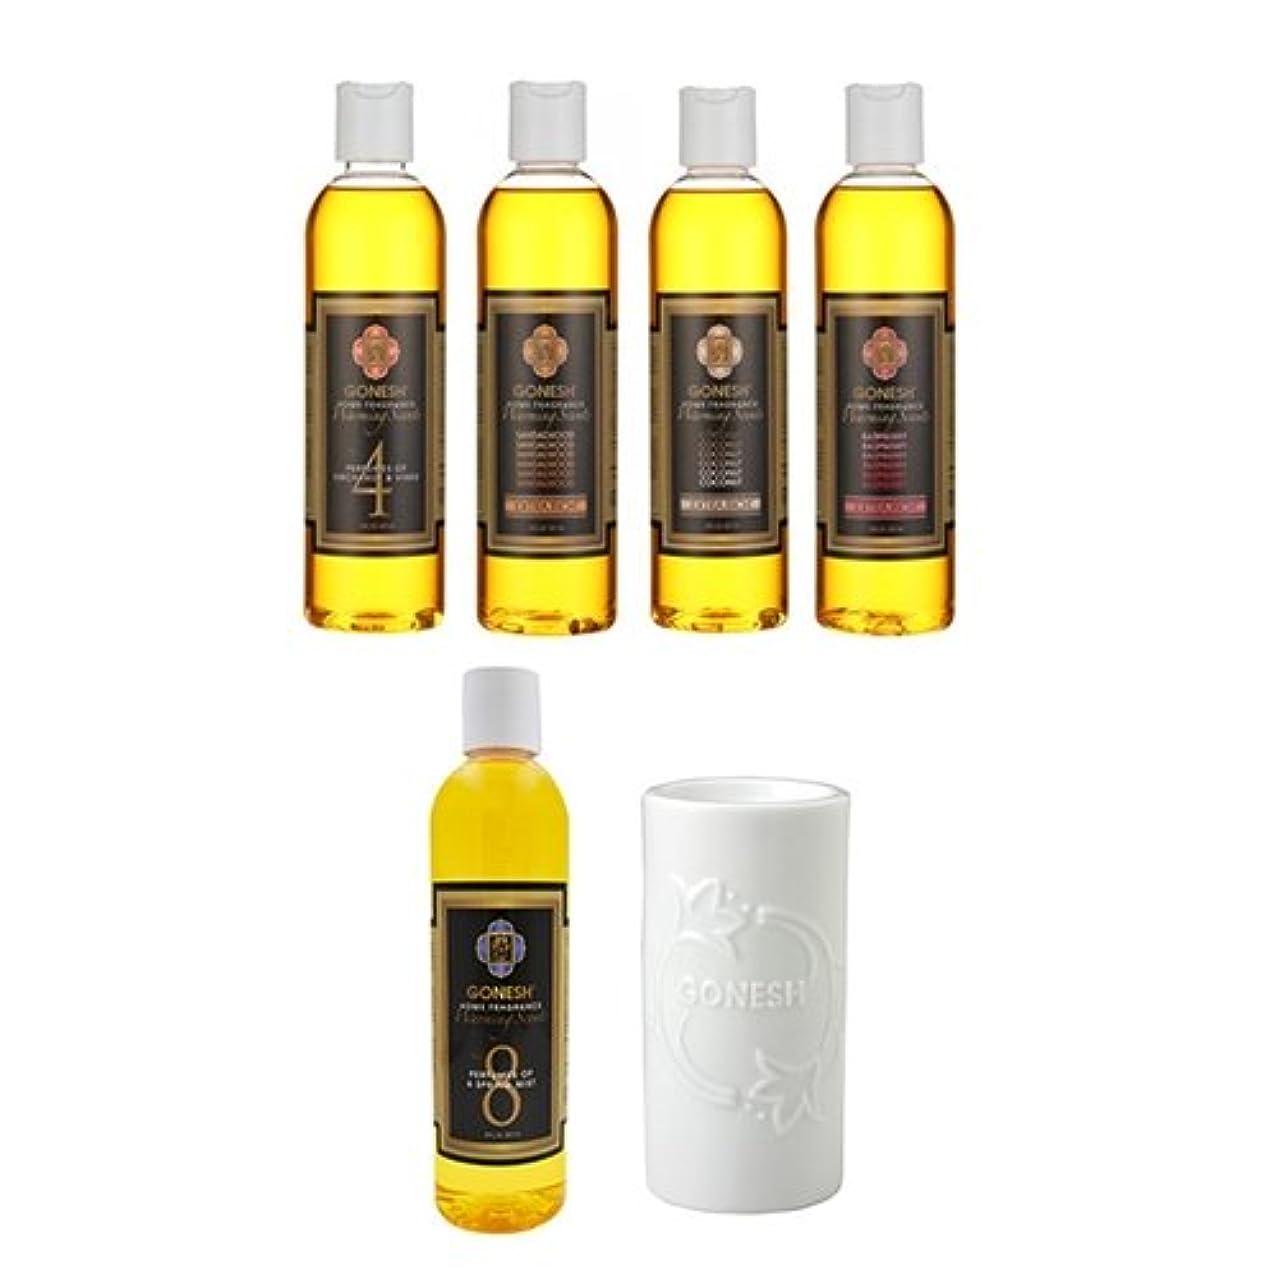 仲介者プレーヤー訴えるガーネッシュ GONESH ウォーミングセント5つ(No.4、8、COCONUT、RASPBERRY、SANDALWOOD) の香りが楽しめるアロマバーナーセット 日本国内正規品